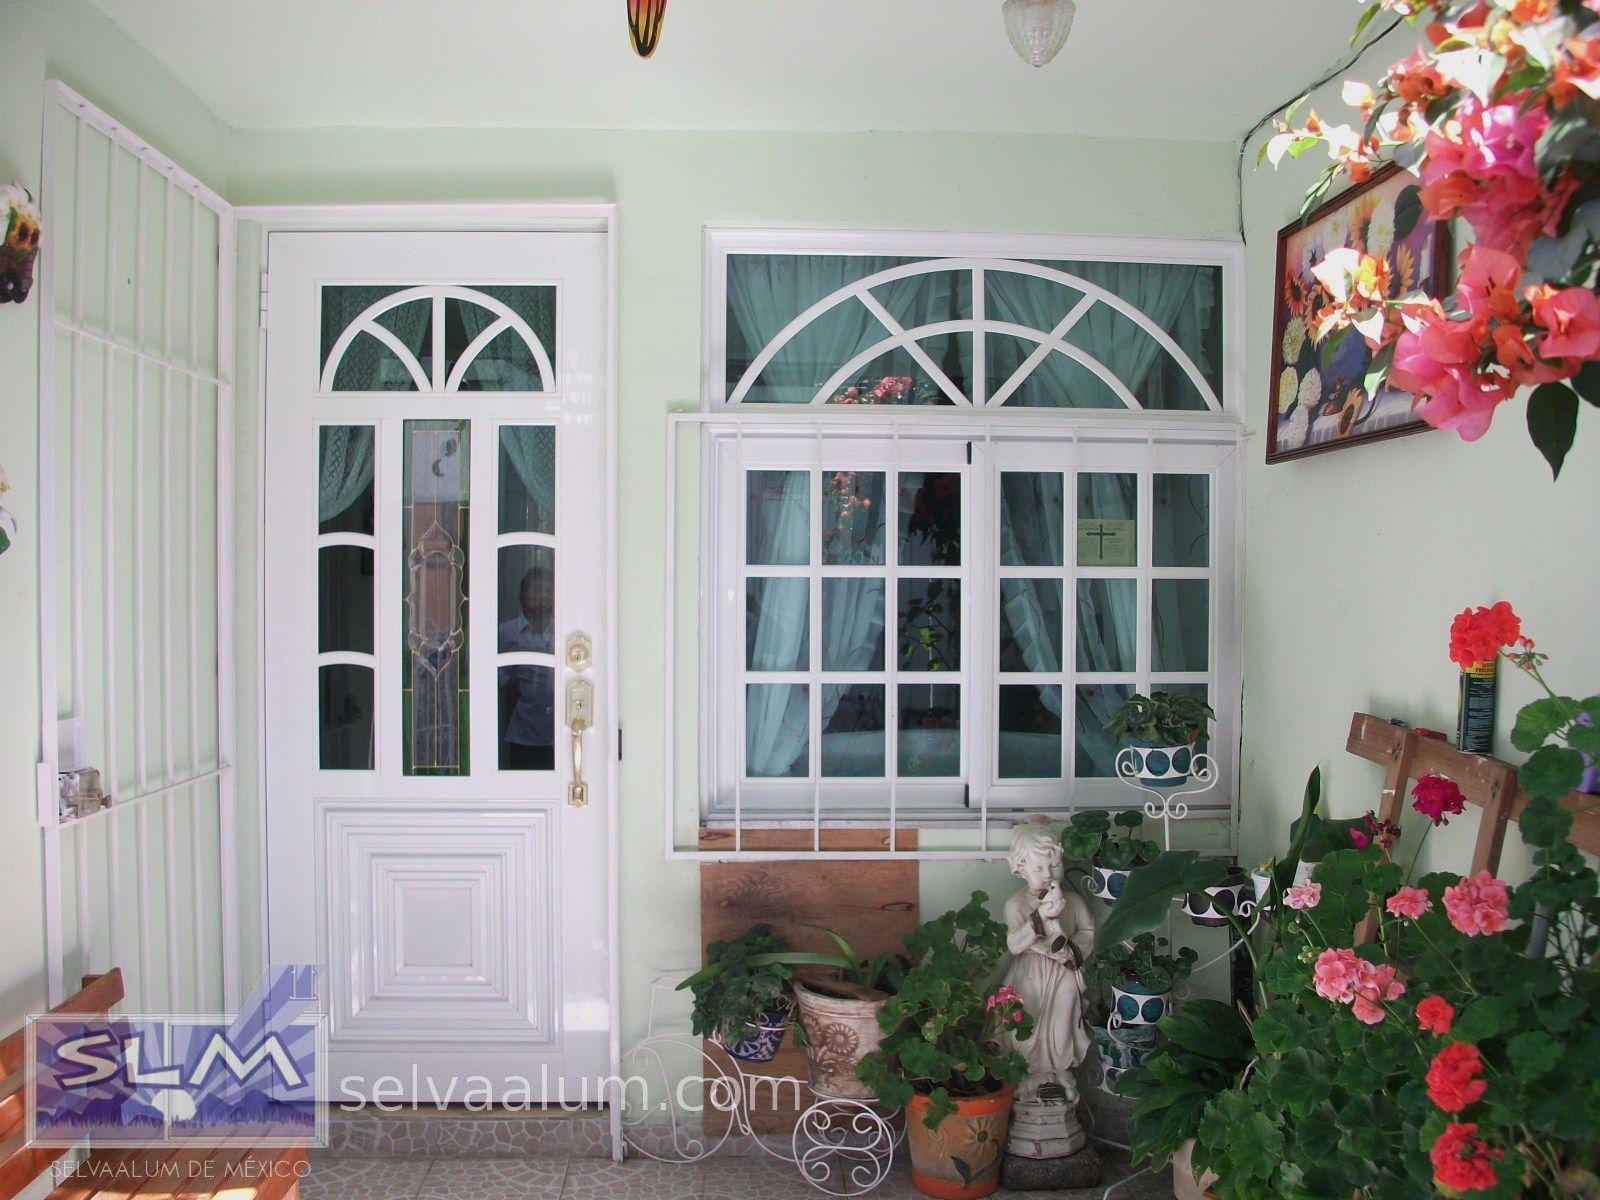 Selvaalum puertas y ventanas de aluminio linea espa ola for Ventanas de aluminio para cocina